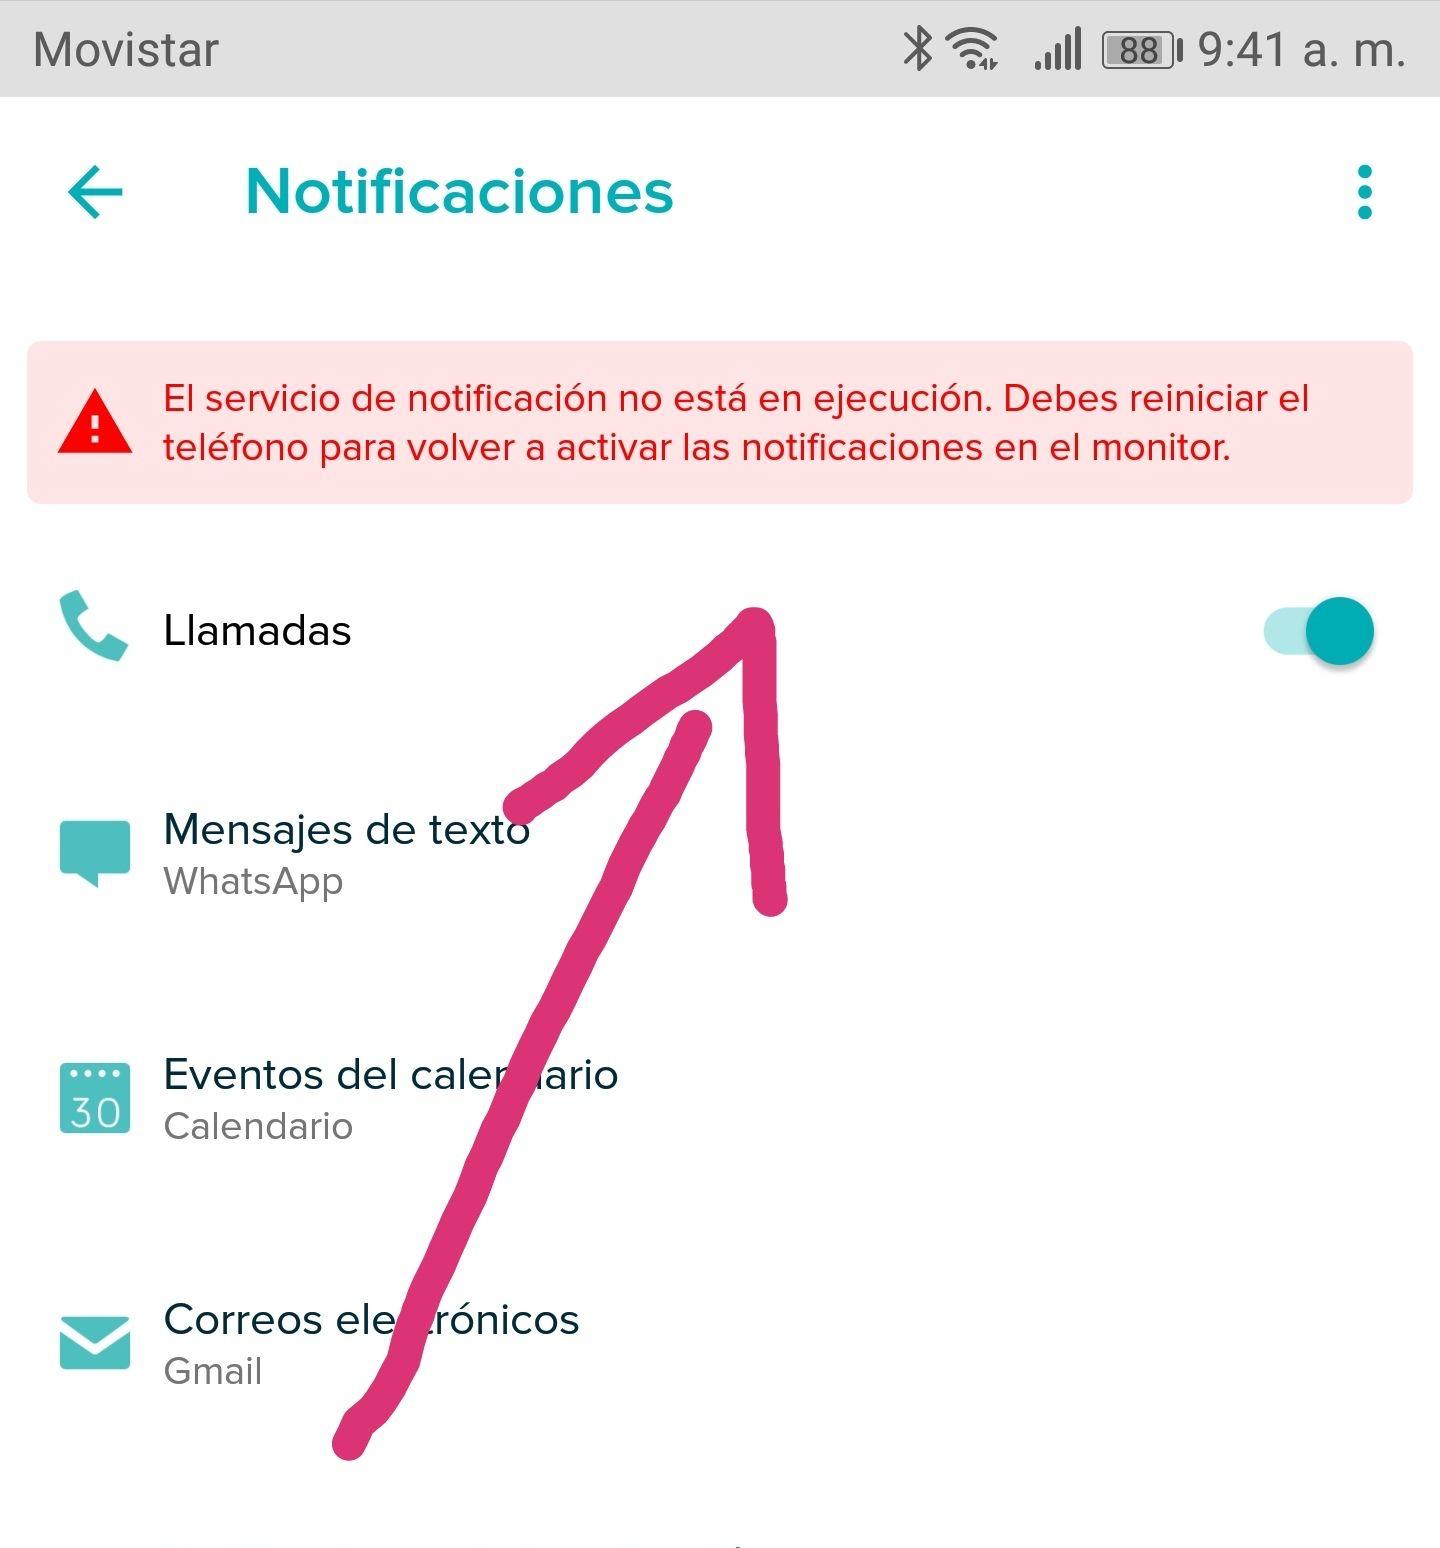 El servicio de notificación no está en ejecución - Fitbit Community